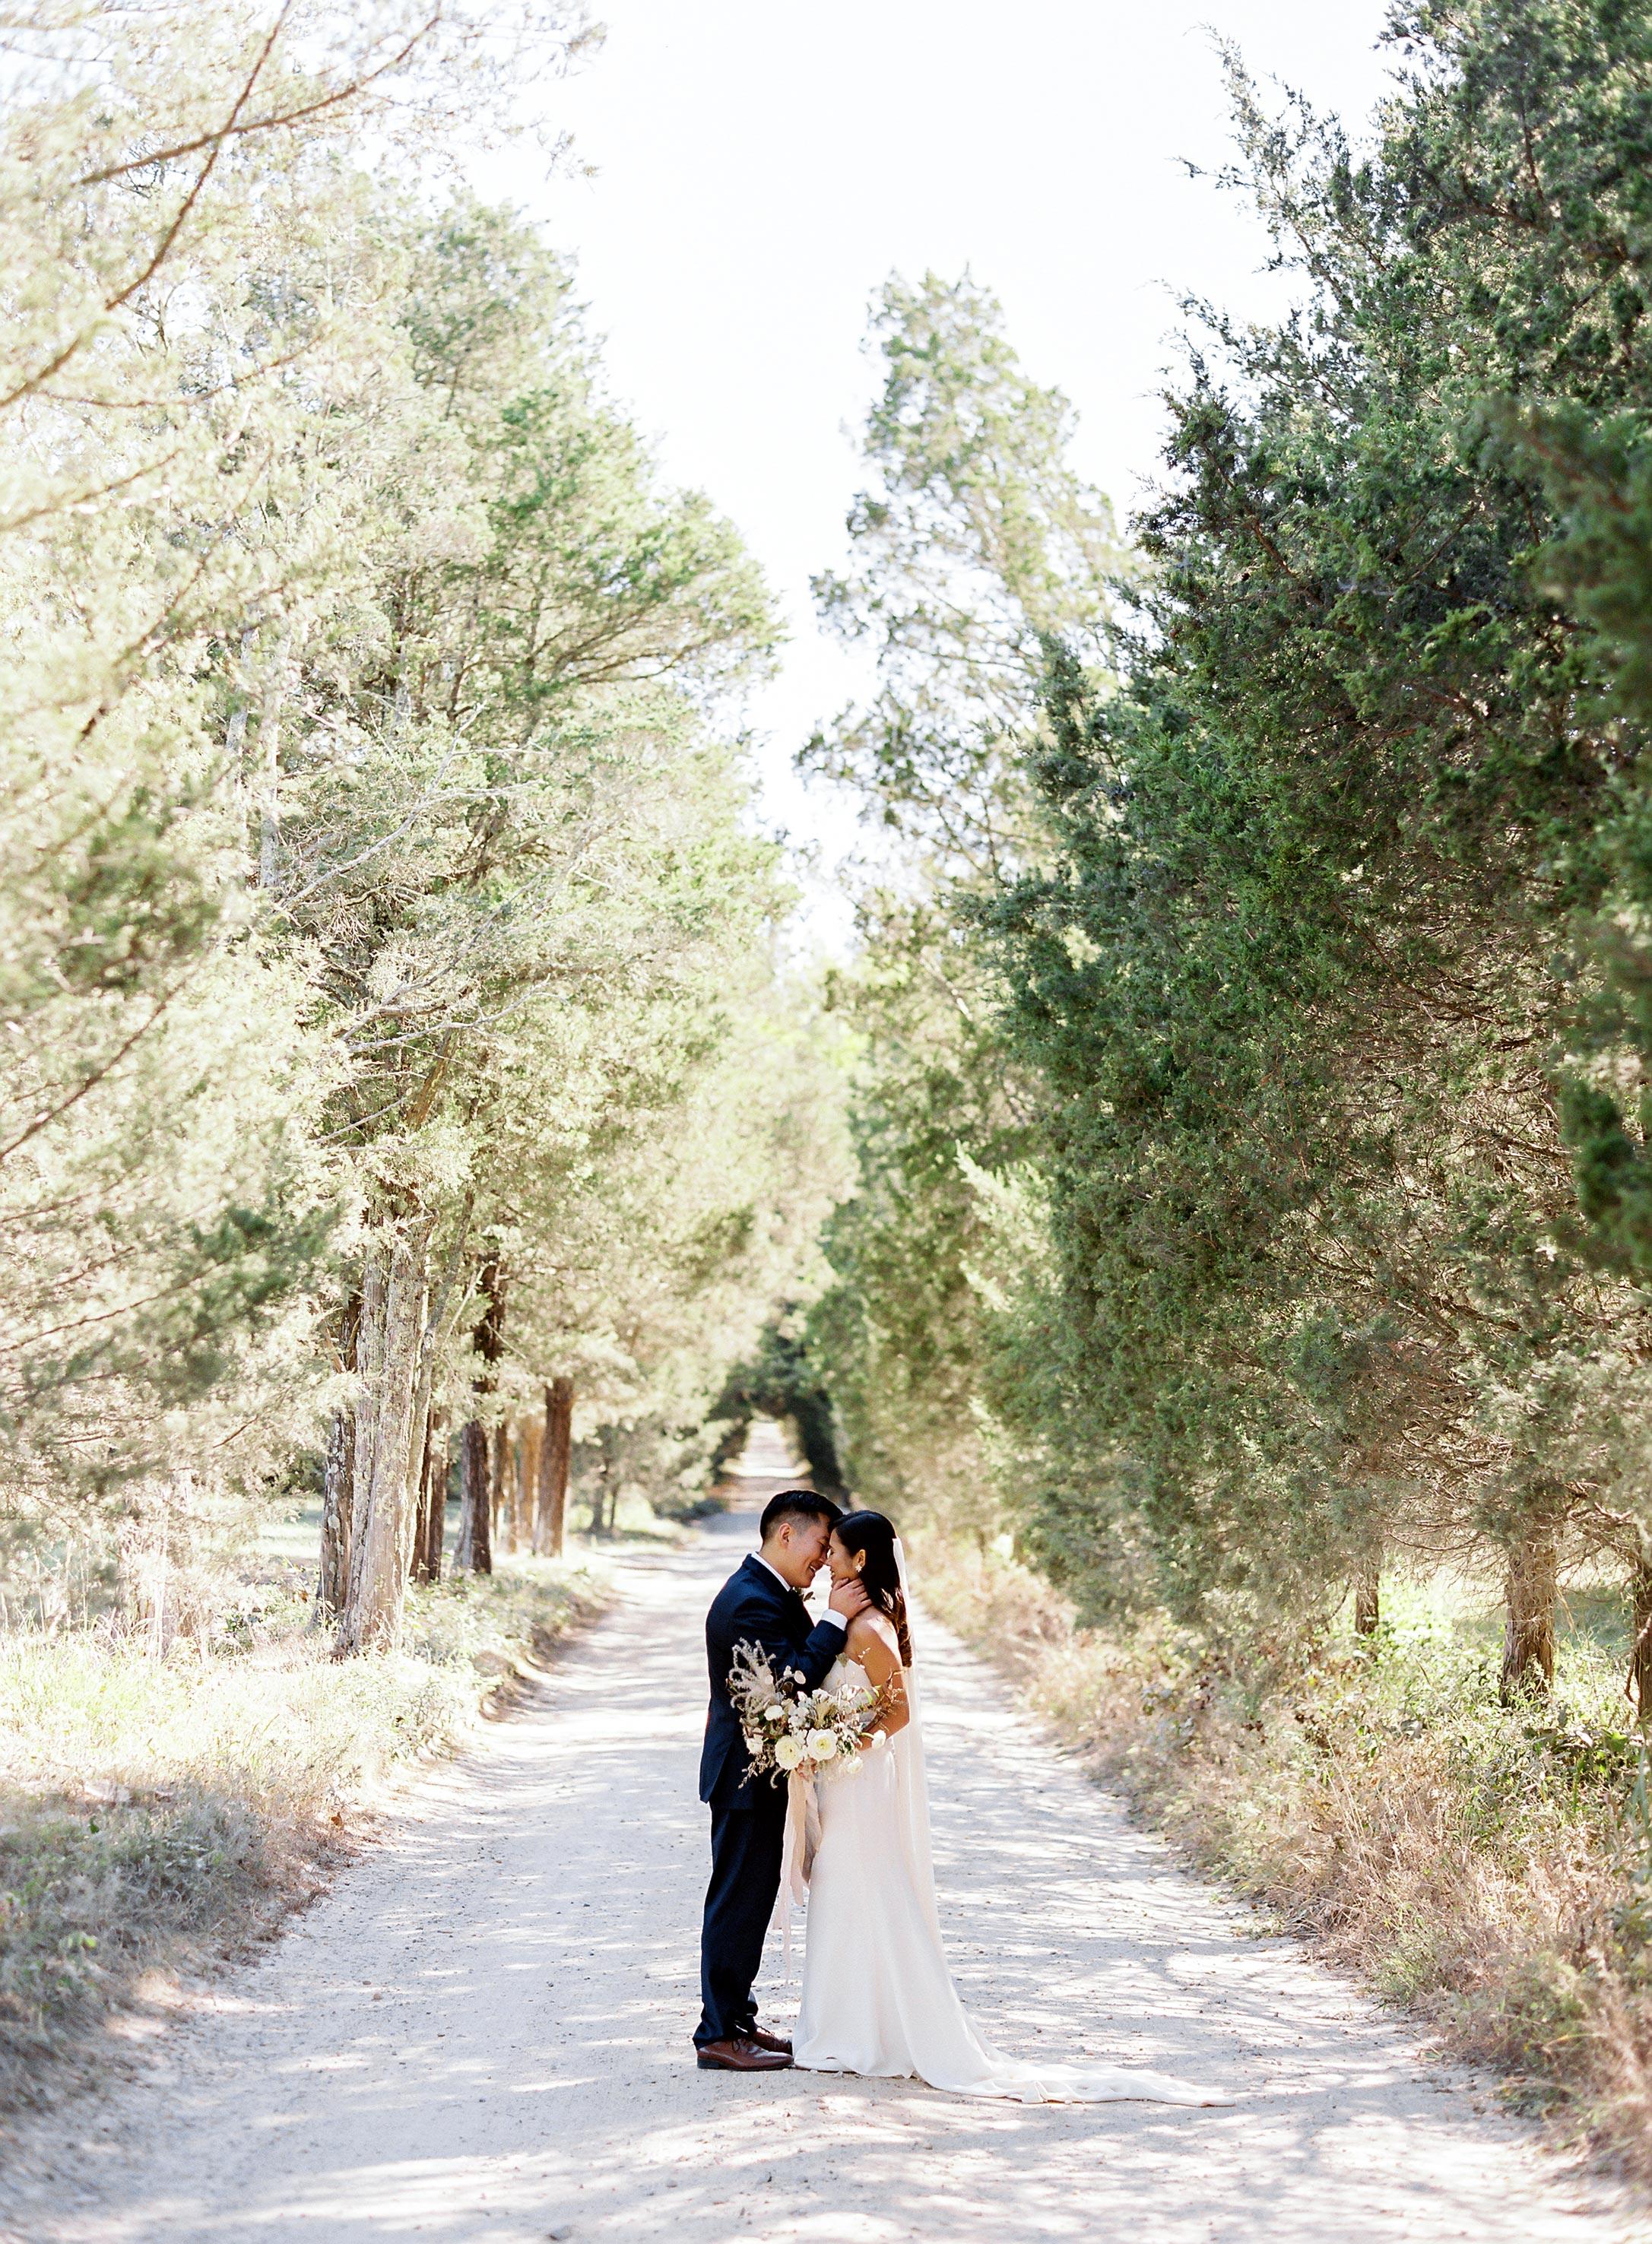 linda robert wedding couple kiss